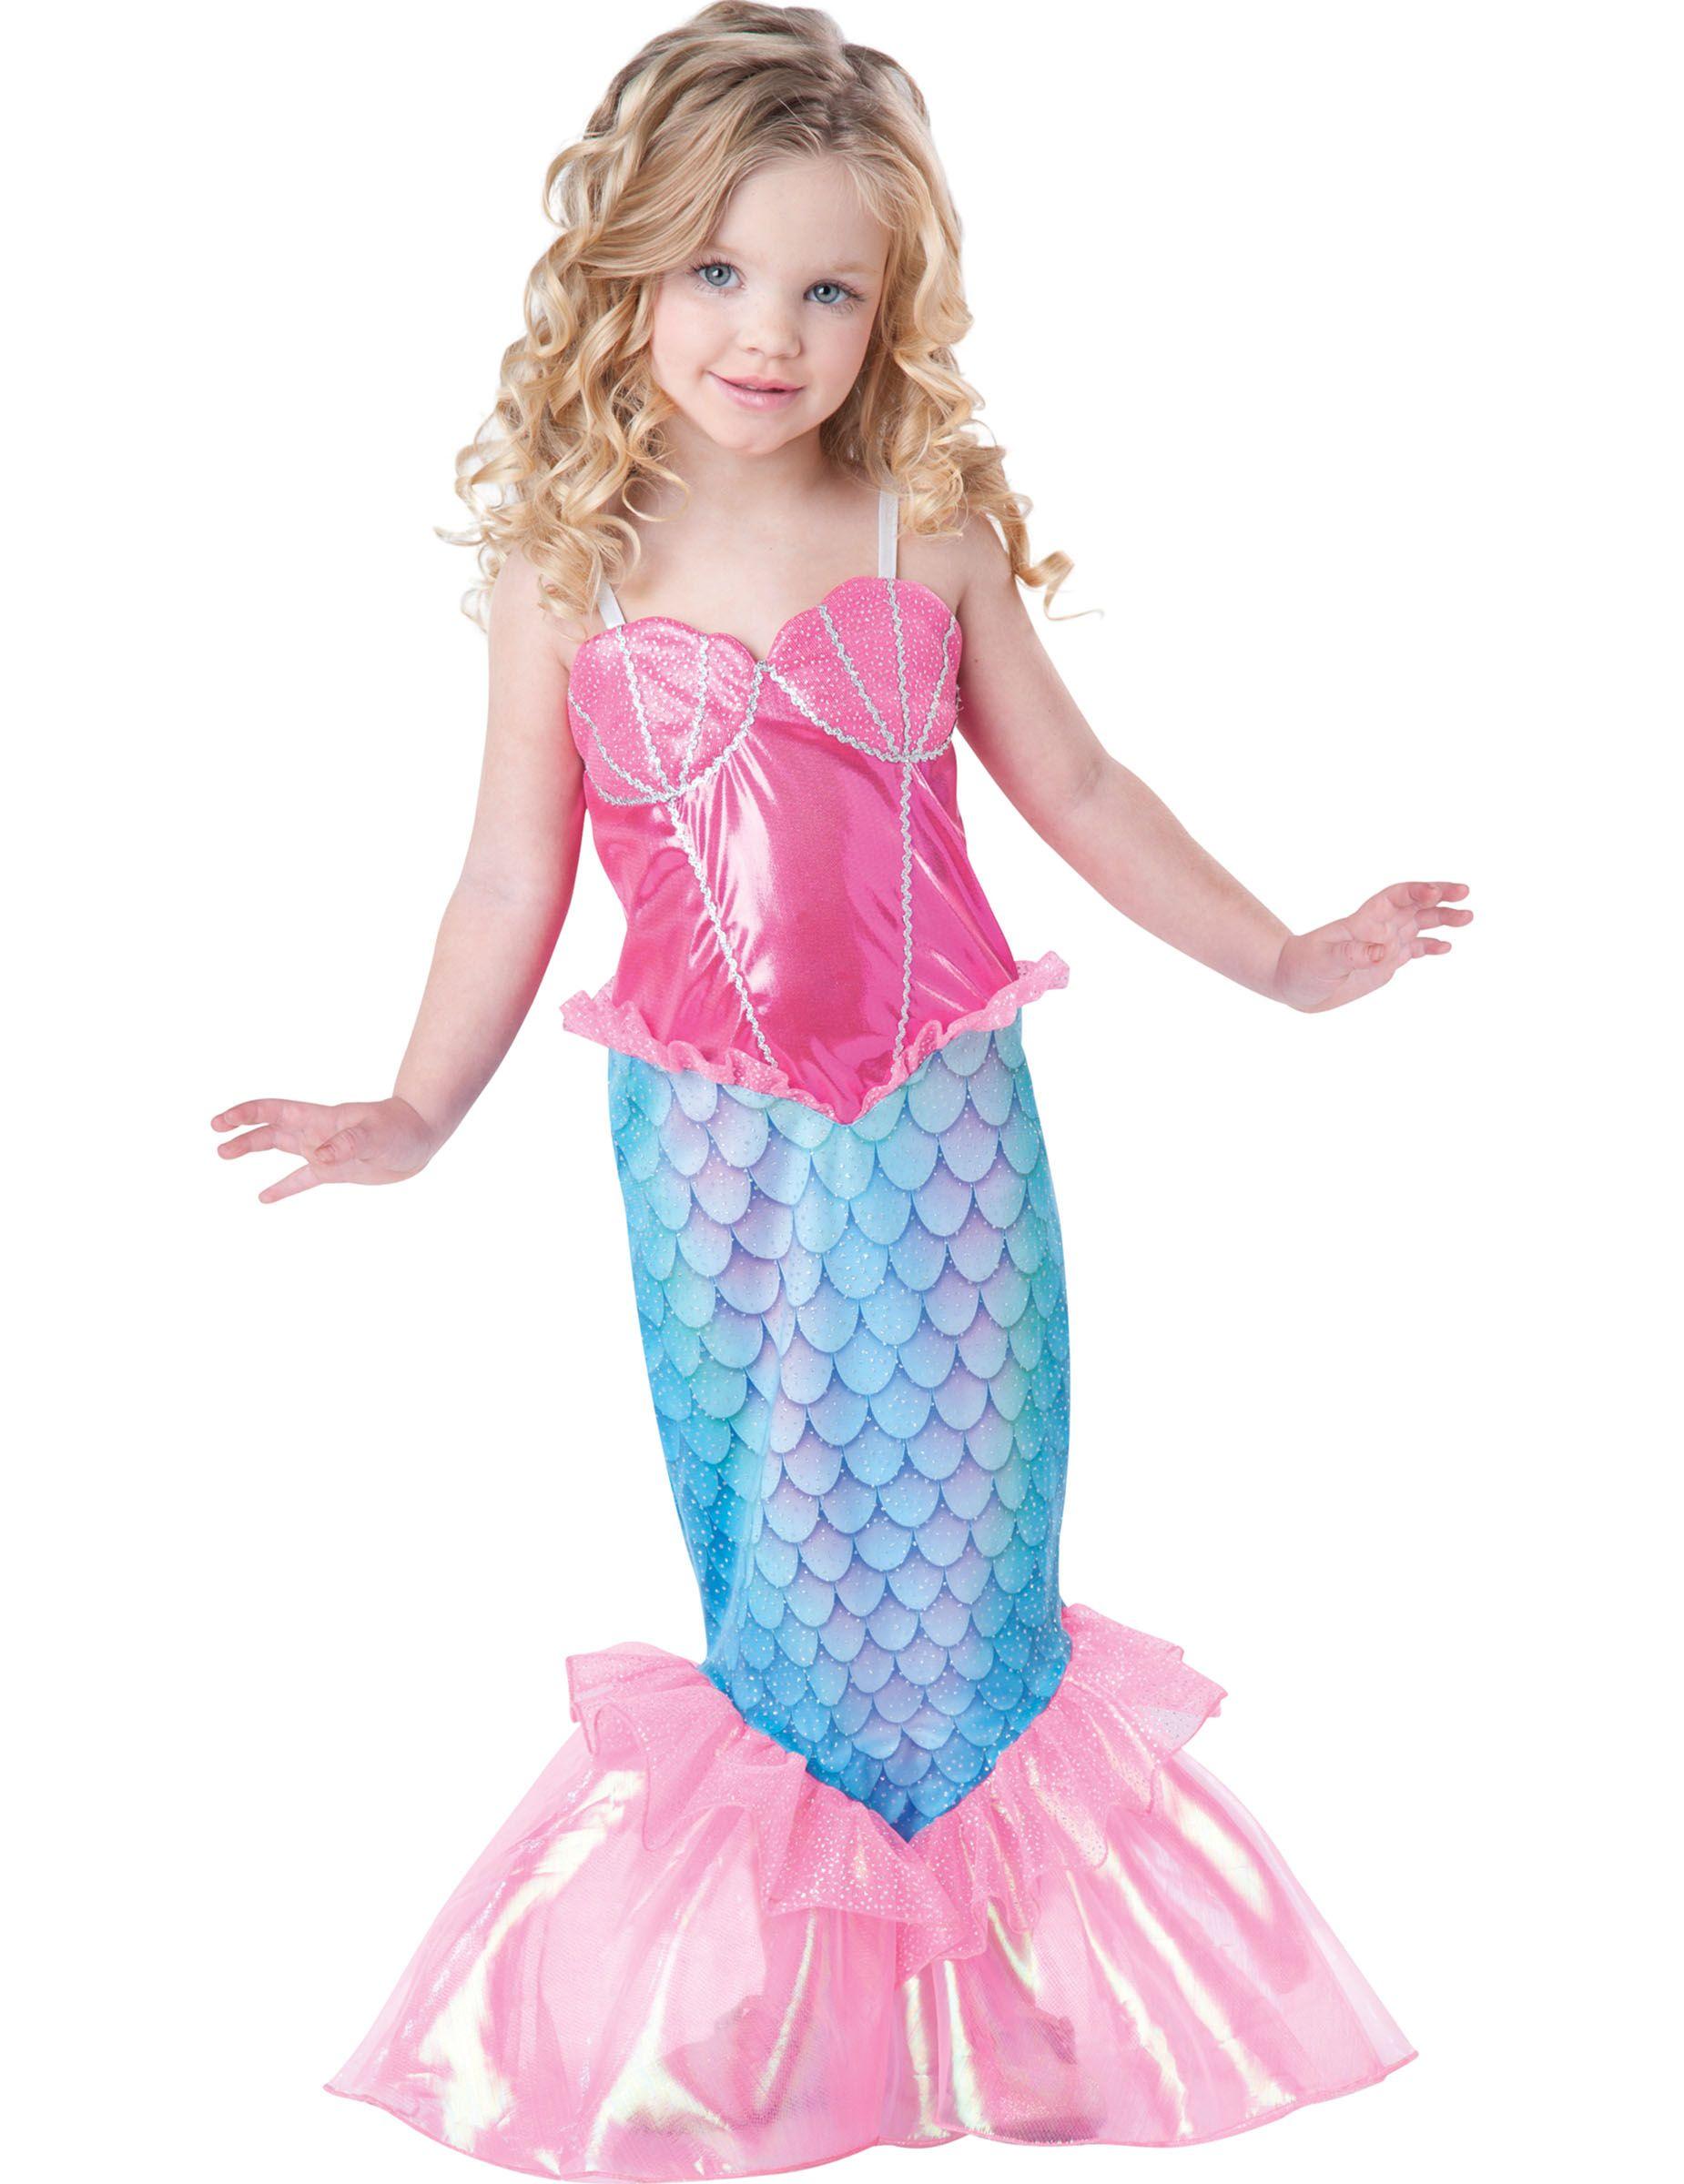 Costume Ideas for Women Top Ten Cute Mermaid Costumes for Children  sc 1 st  Pinterest & Déguisement Sirène pour enfant - Premium | Pinterest | Mermaid tails